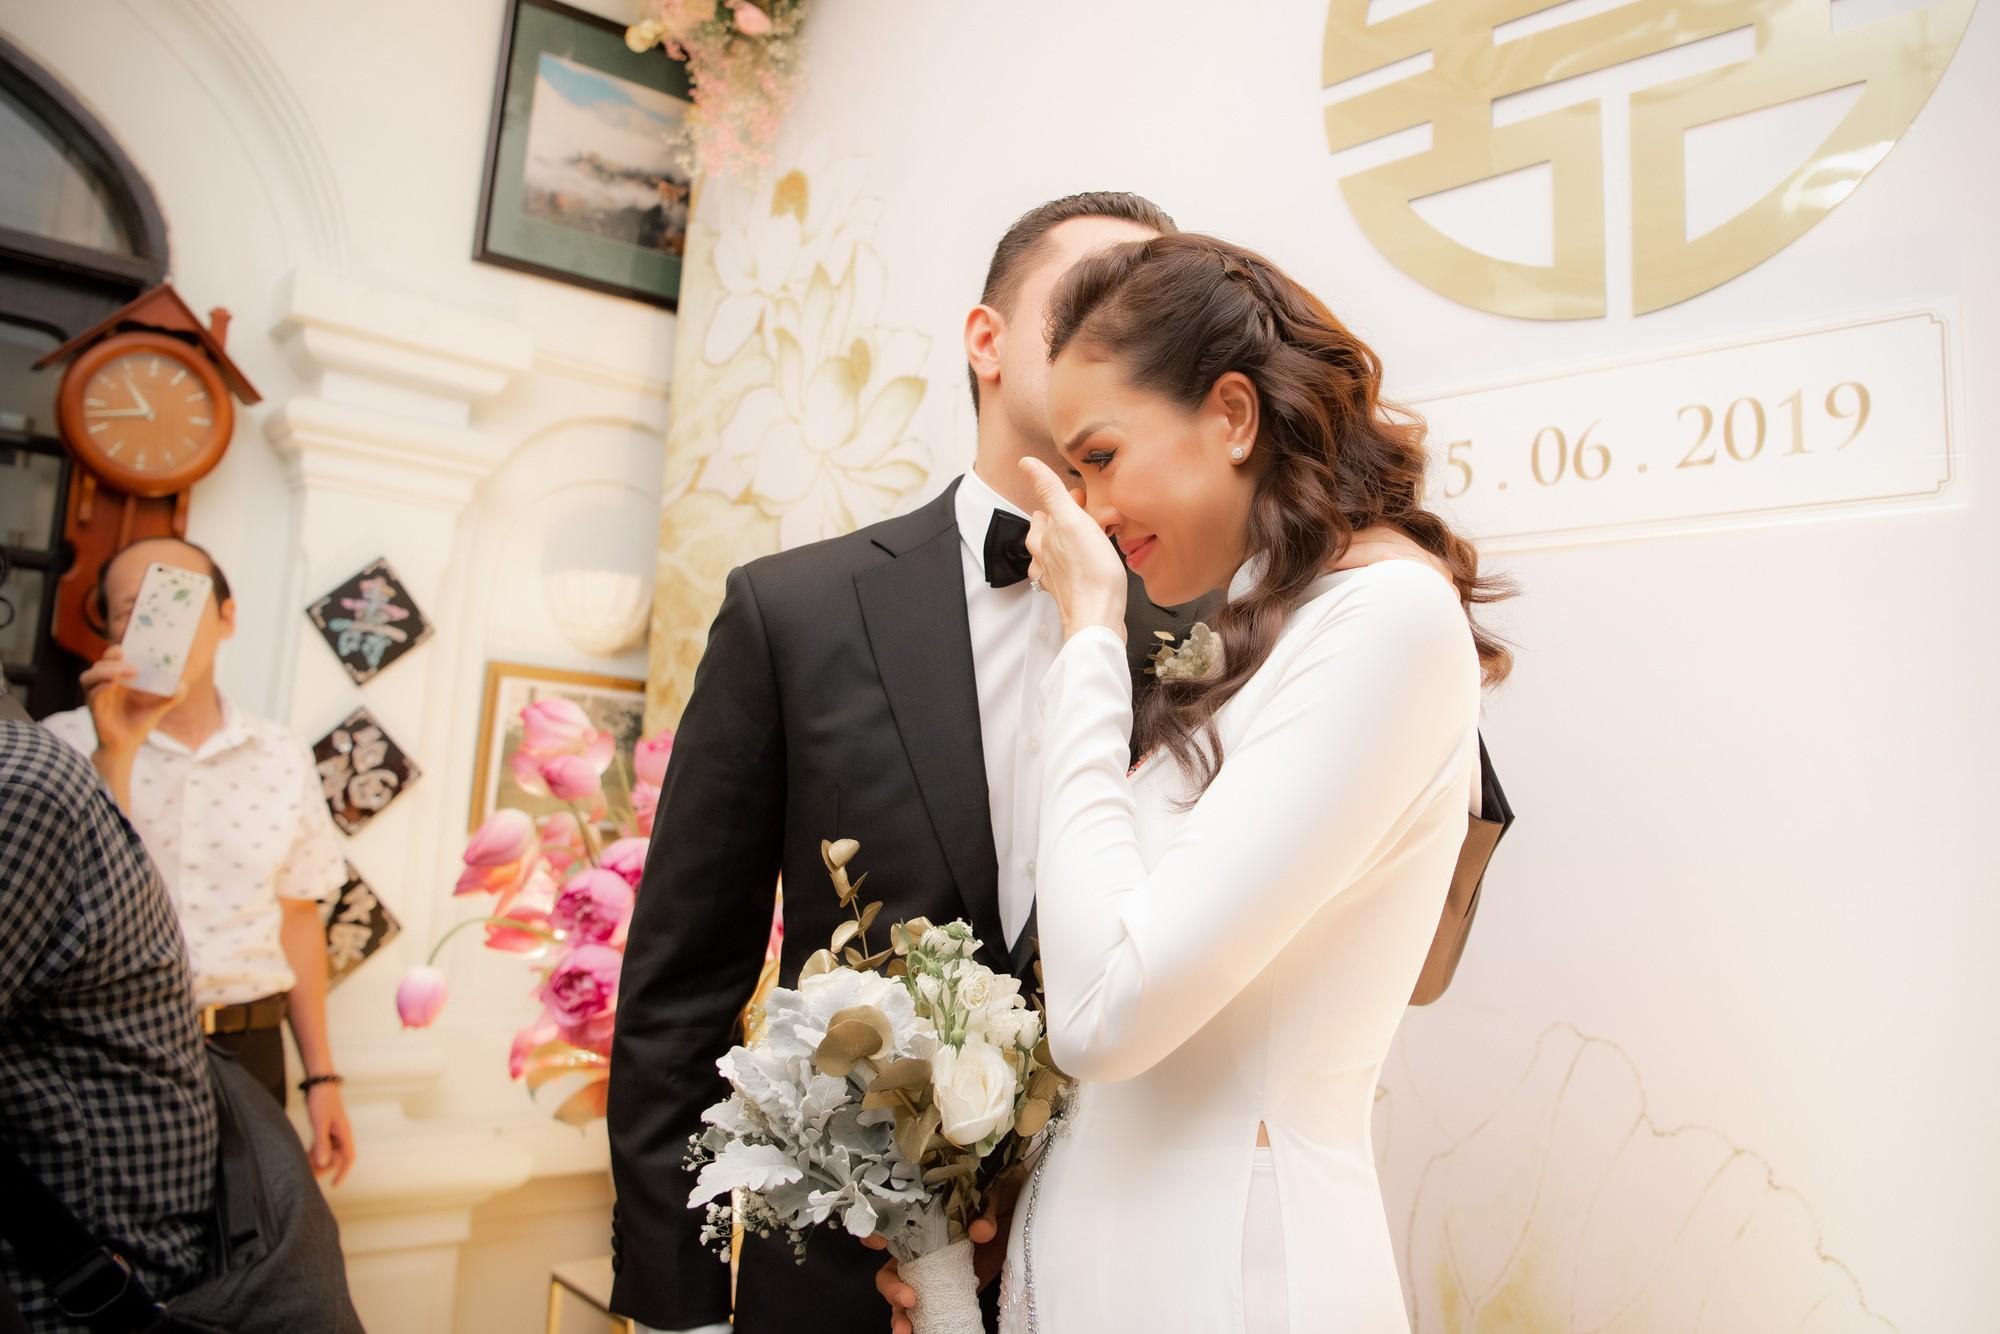 Toàn cảnh lễ đón dâu tại nhà phố cổ của siêu mẫu Phương Mai: Chú rể xuất hiện cùng đoàn xe sang, cô dâu òa khóc ôm chặt mẹ ruột  - Ảnh 7.